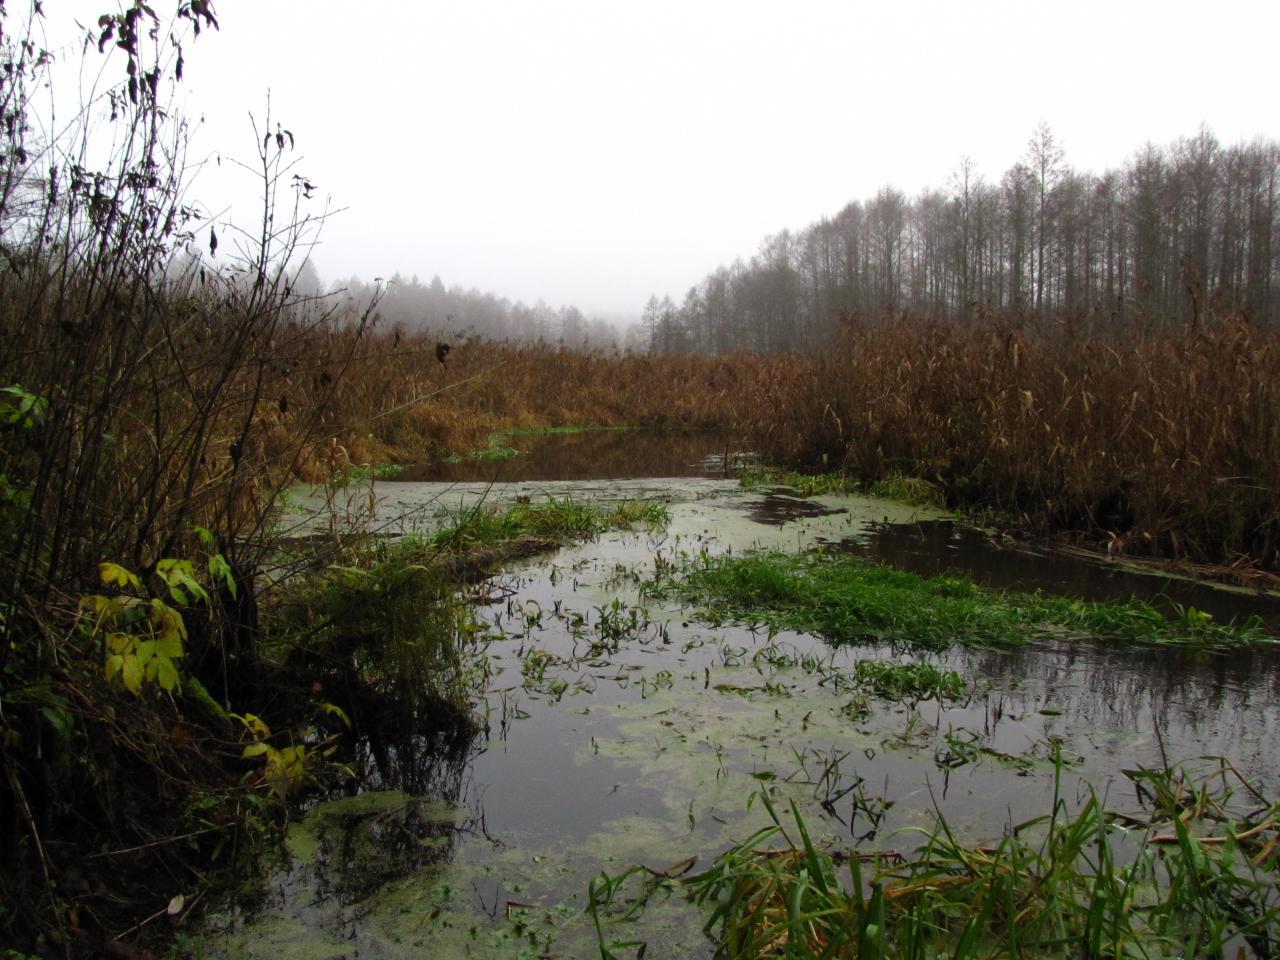 djamПрекрасный день на прекрасной реке. Всего одна поклевка ... | Отчеты о рыбалке в Беларуси